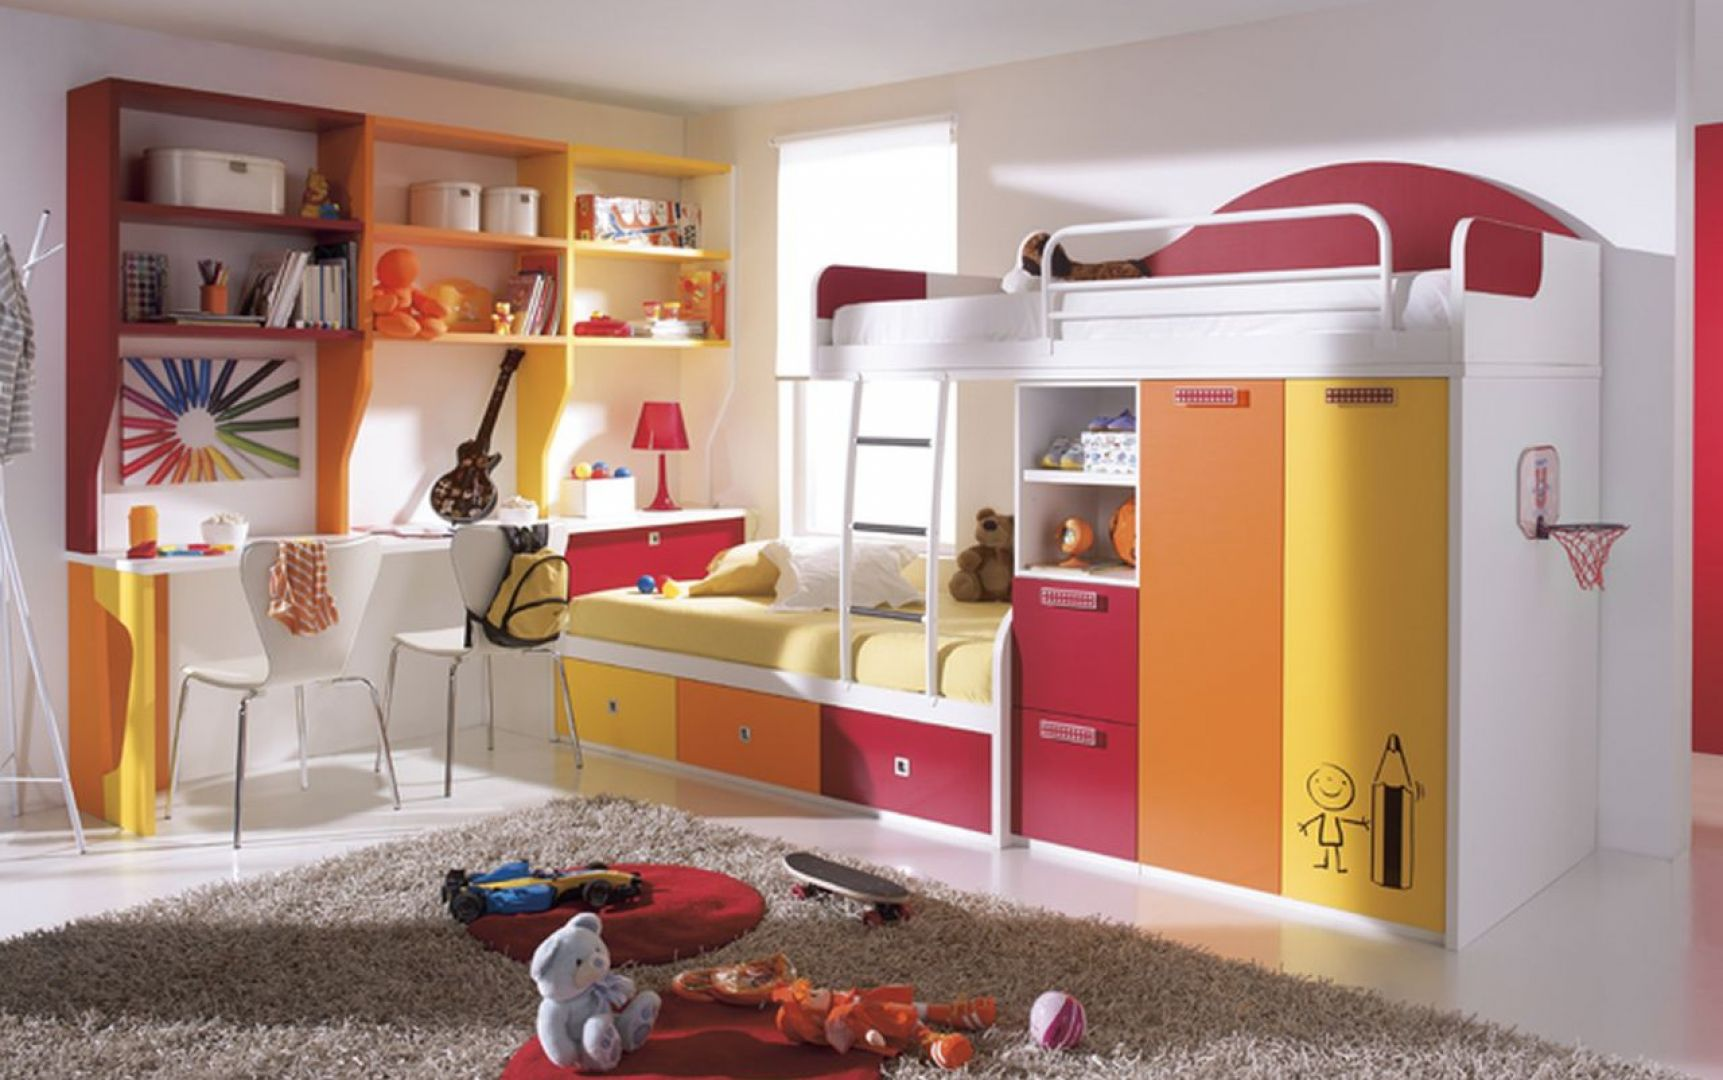 Słoneczne kolory to doskonały wybór do pokoju dzieci, połączone z bielą wyglądają świeżo i modnie. Fot. Circulo Muebles